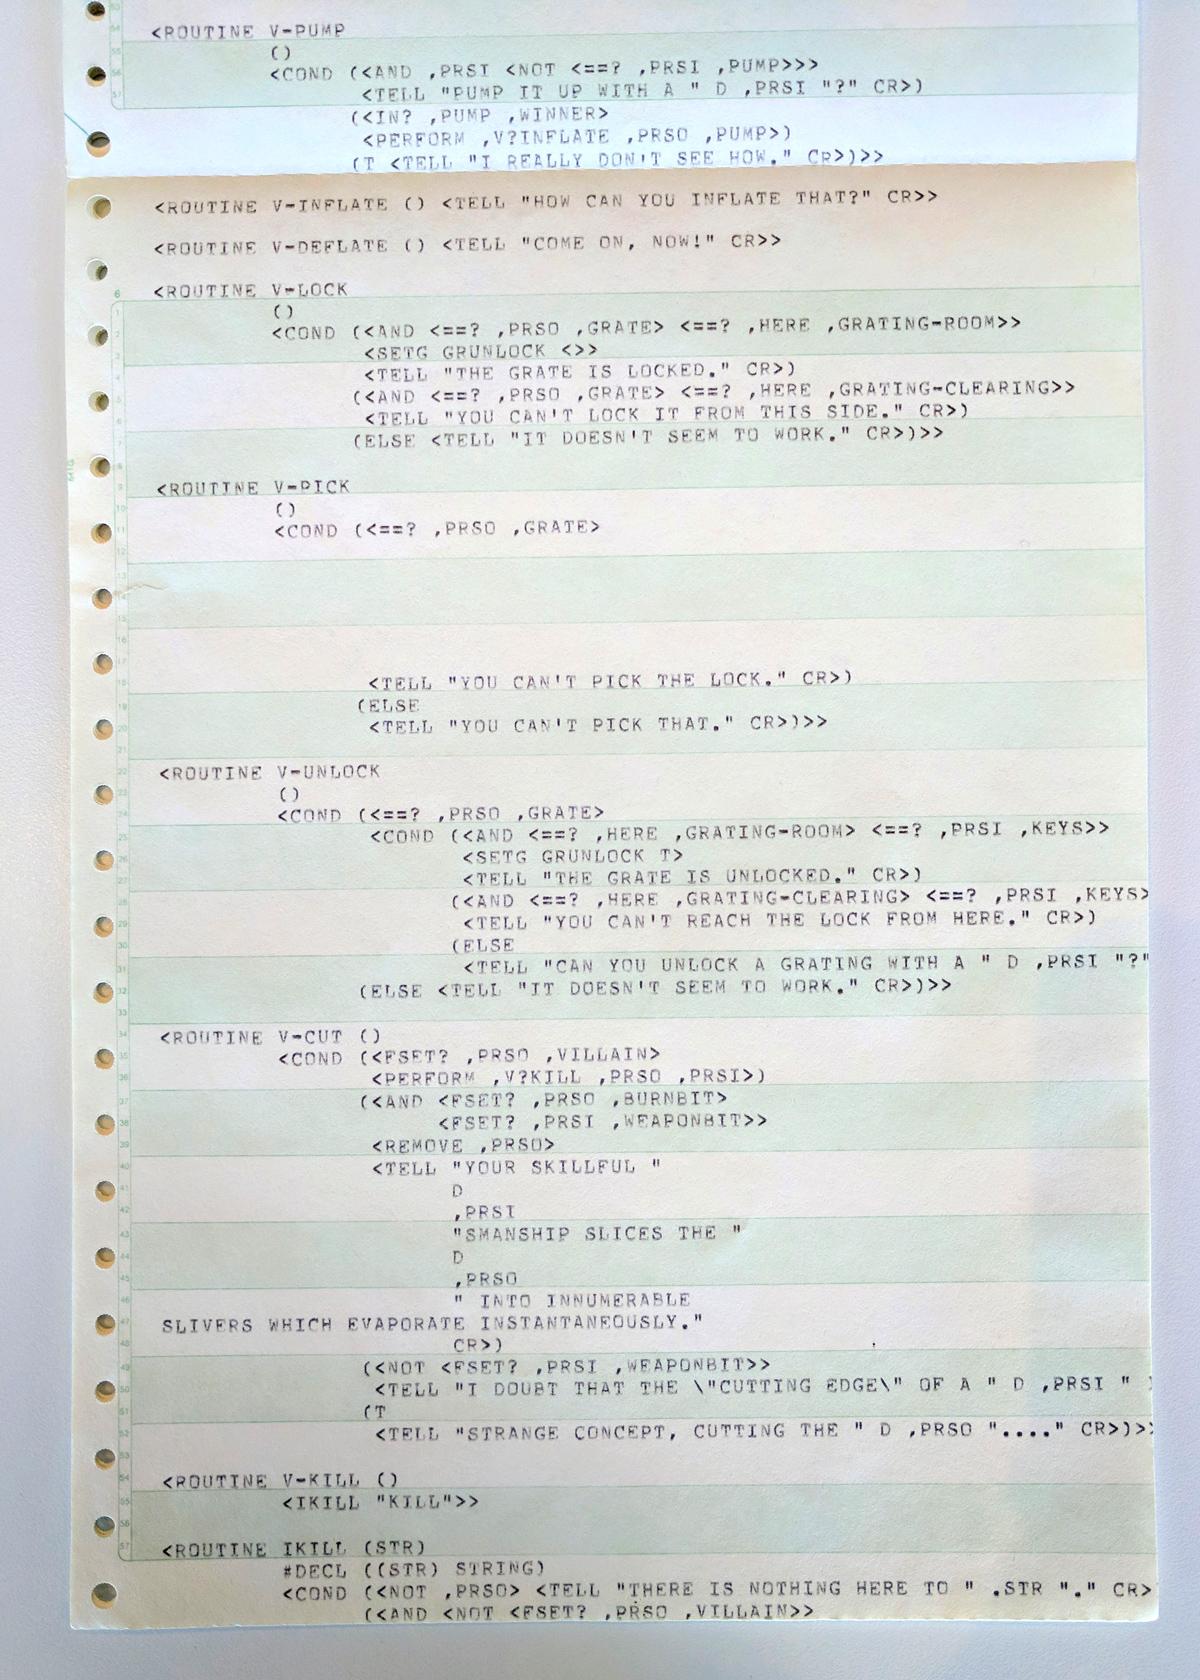 """Este fragmento de código, escrito en ZIL, es un ejemplo de la forma en que Zork manejaba los verbos que los jugadores escribían para impulsar el juego hacia adelante. Específicamente, muestra el código predeterminado que se puede activar cuando un jugador intenta desbloquear algo en el juego. Introducir """"Desbloquear"""" cuando se enfrenta con una reja bloqueada podría dar las respuestas """"La reja está desbloqueada"""" o """"No se puede llegar a la cerradura de aquí"""" o """"No parece funcionar"""", dependiendo de las posesiones del jugador y la ubicación ."""